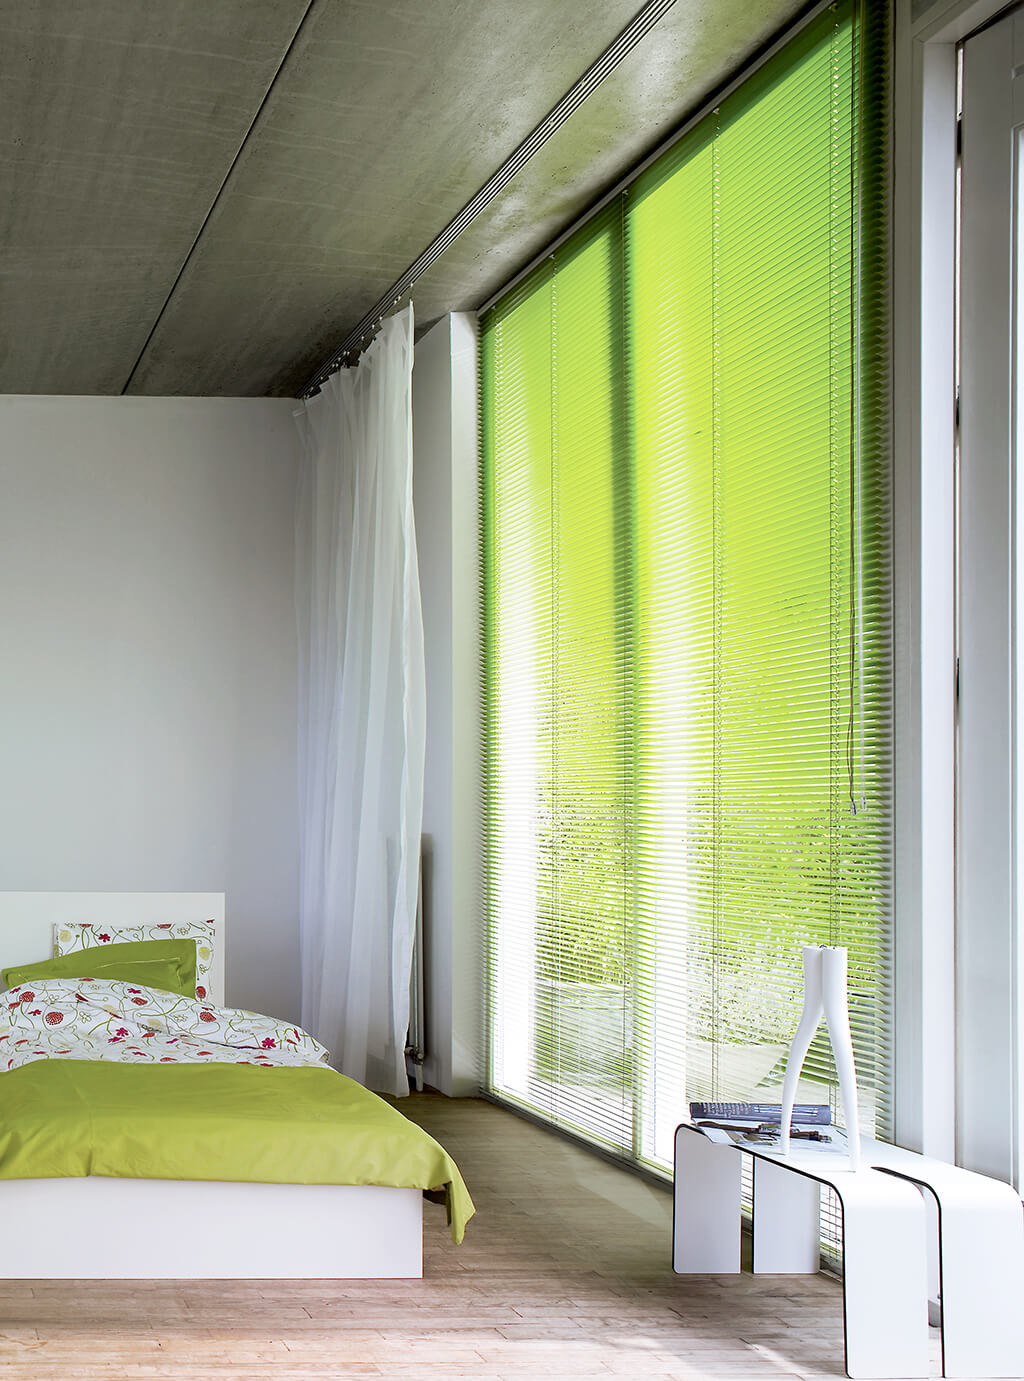 Grüne Alu-Jalousie an deckenhohen Fenstern im Schlafzimmer mit Bedienelement auf der rechten Seite